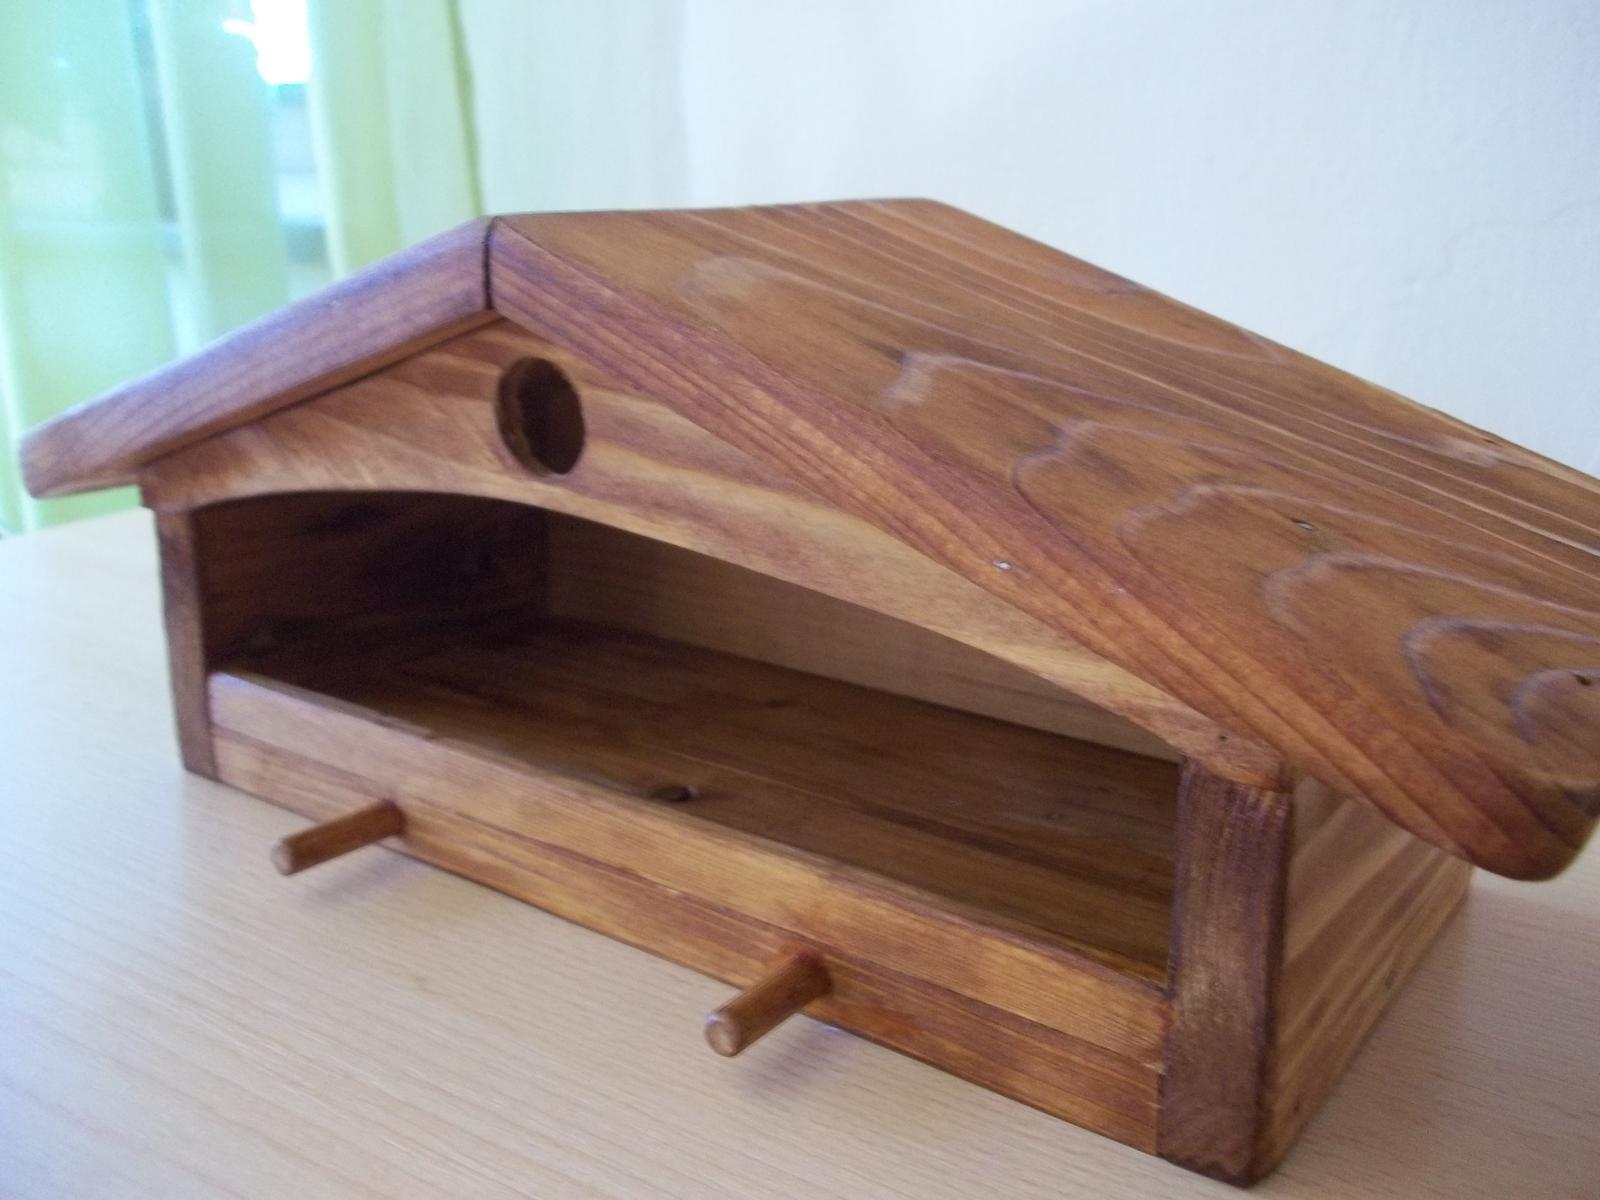 Búdka pre vtáčiky,vrátane poštovného - Obrázok č. 4